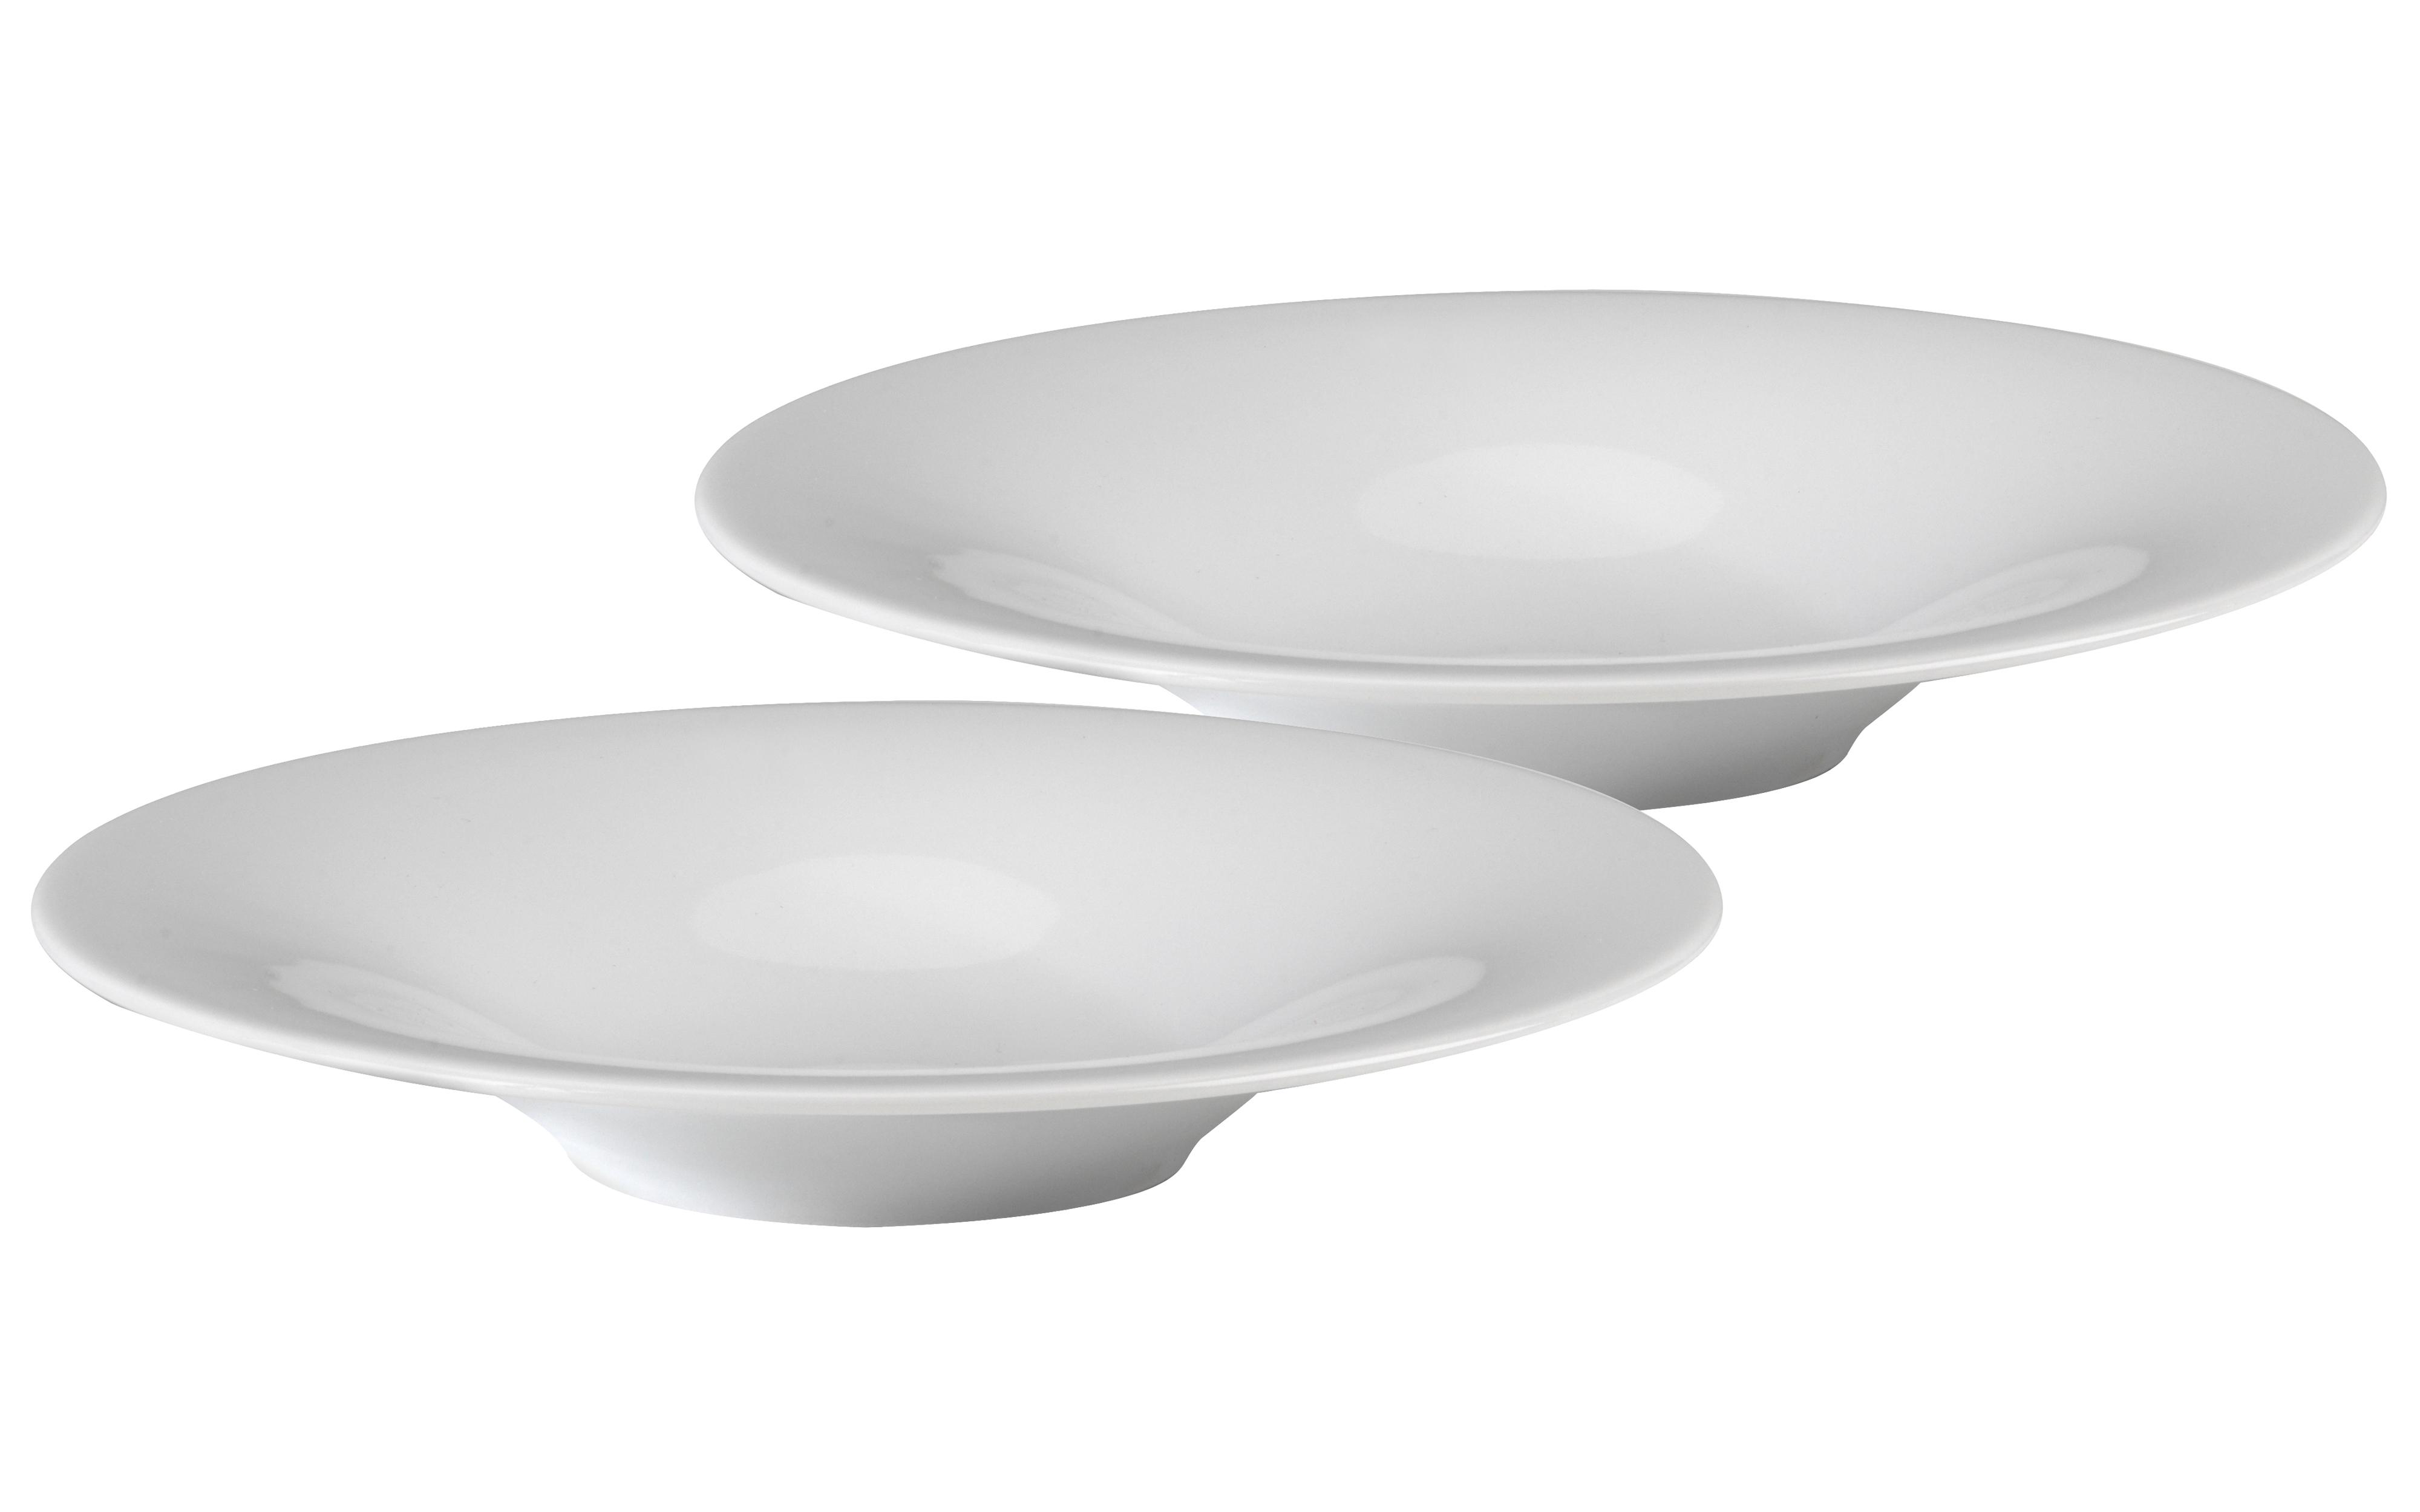 alessi  starter soup salad dessert bowl  cm set of . alessi  starter soup salad dessert bowl  cm set of